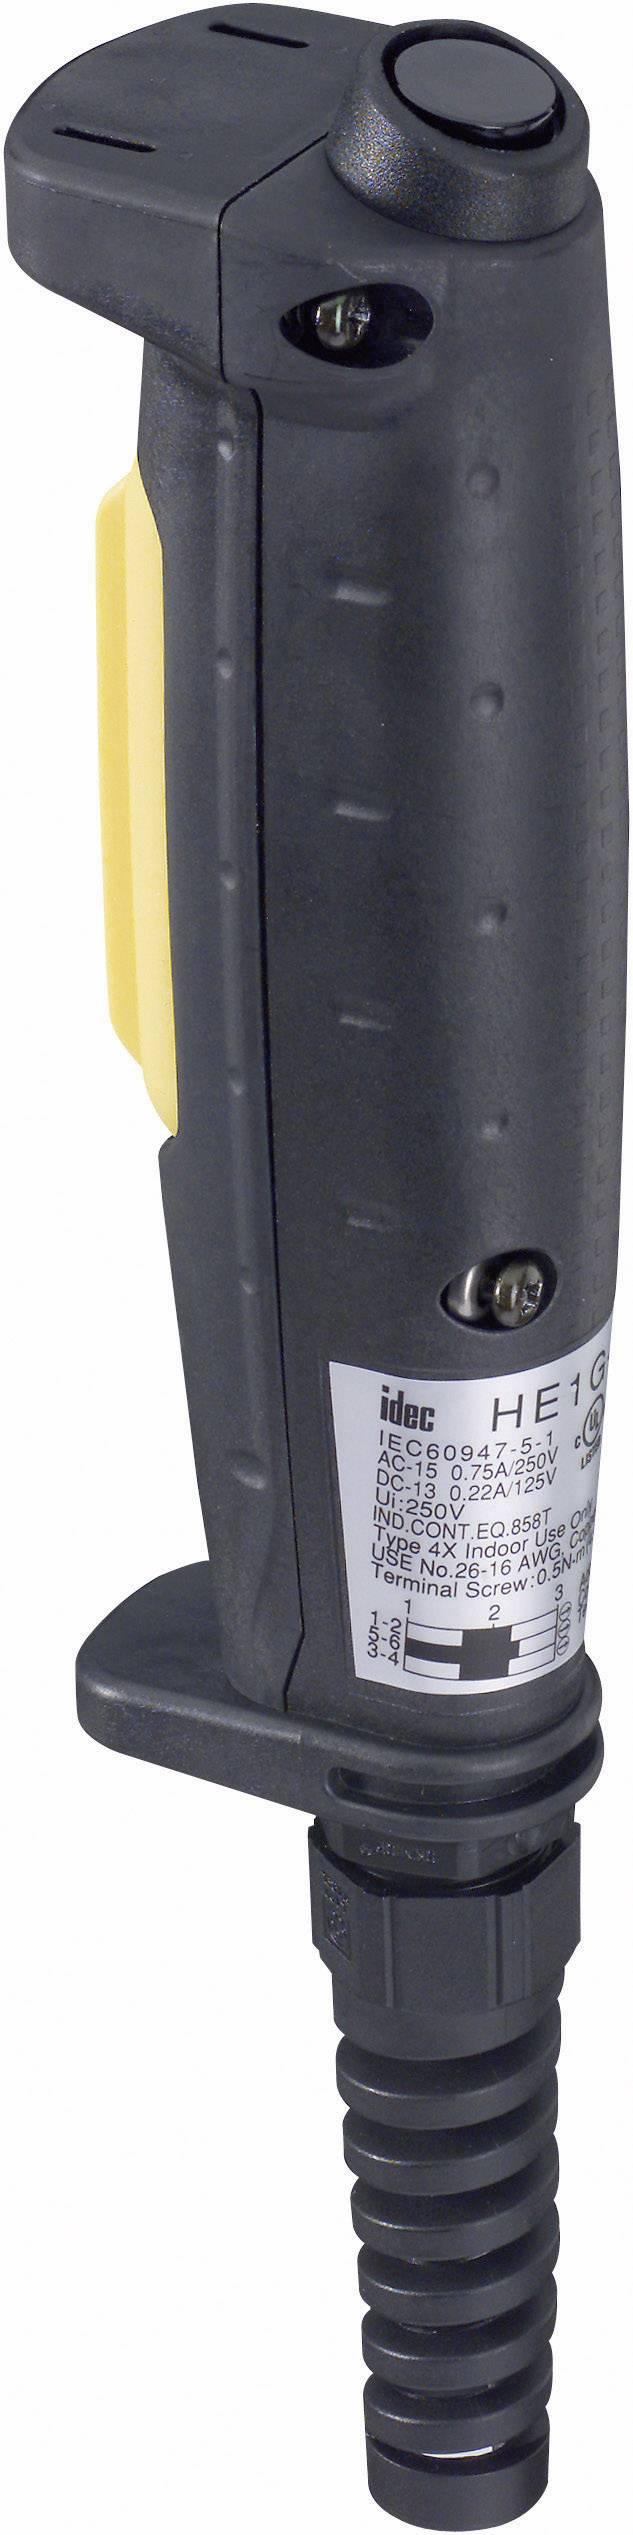 Ručné tlačidlo Idec HE1G-21SMB, 250 V/AC, 3 A, 1 ks